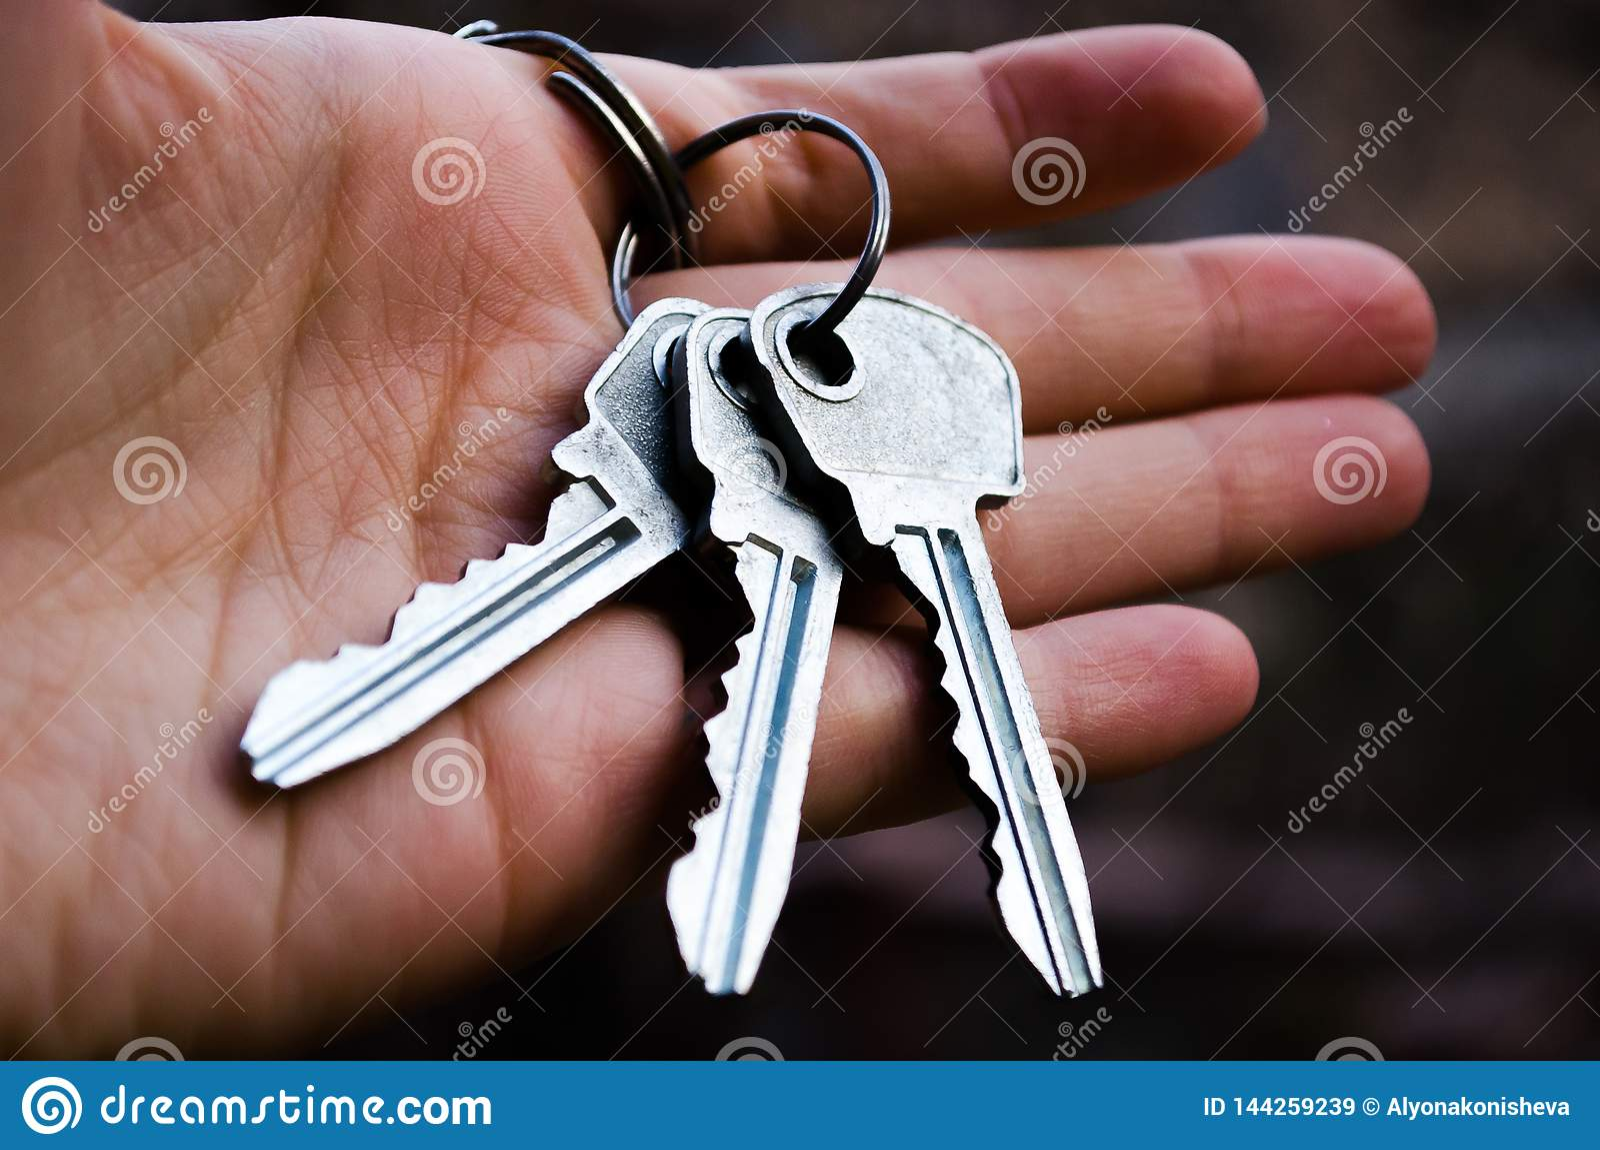 Ключи образовывают ключей Ключ в руке Фотография для вебсайтов о продаже квартир и домов, недвижимости Новый студень